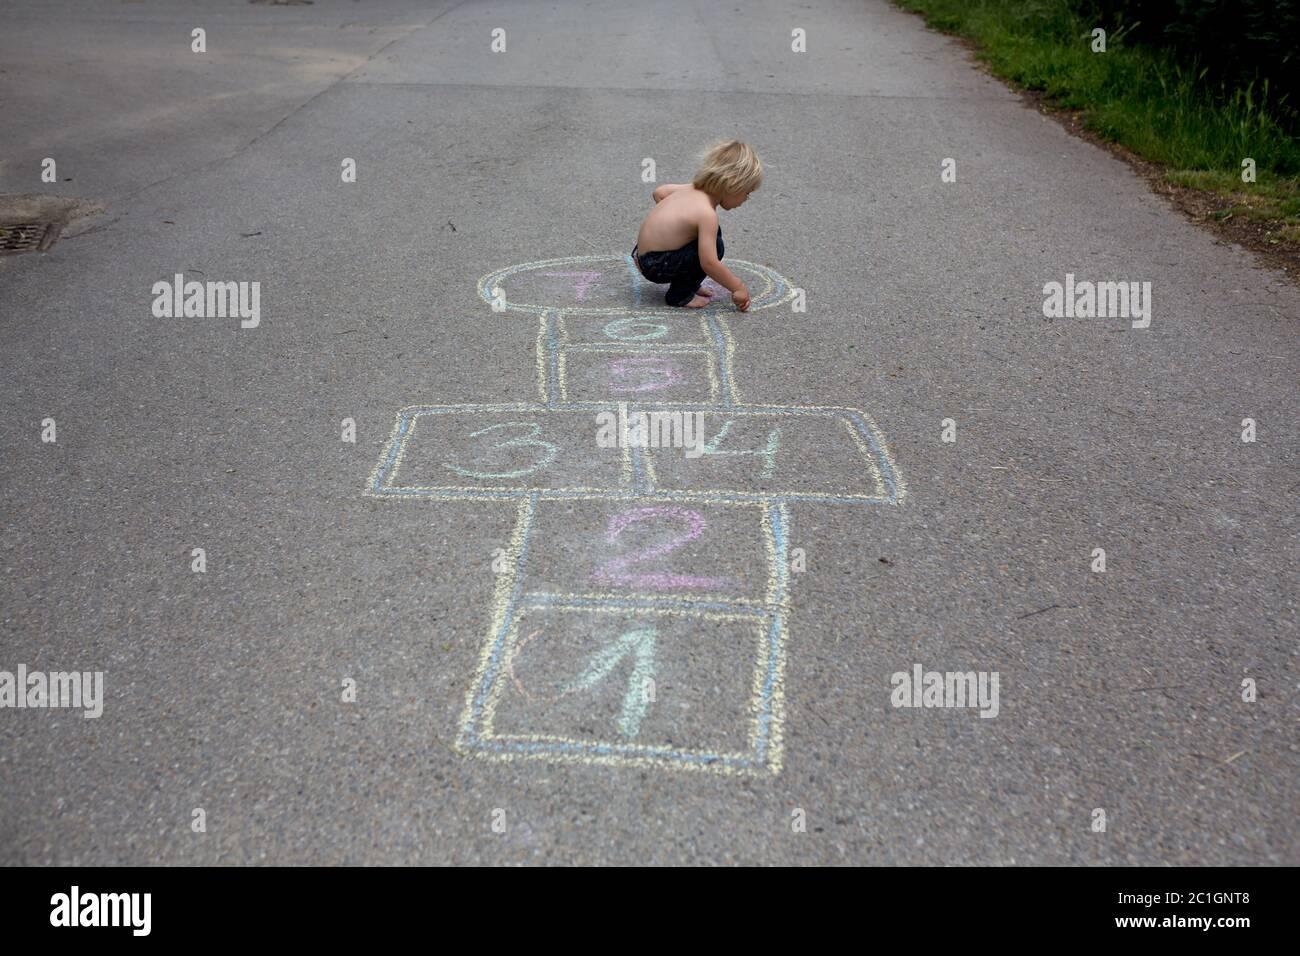 Enfant, blond, jouant au hopscotch dans la rue, l'été Banque D'Images